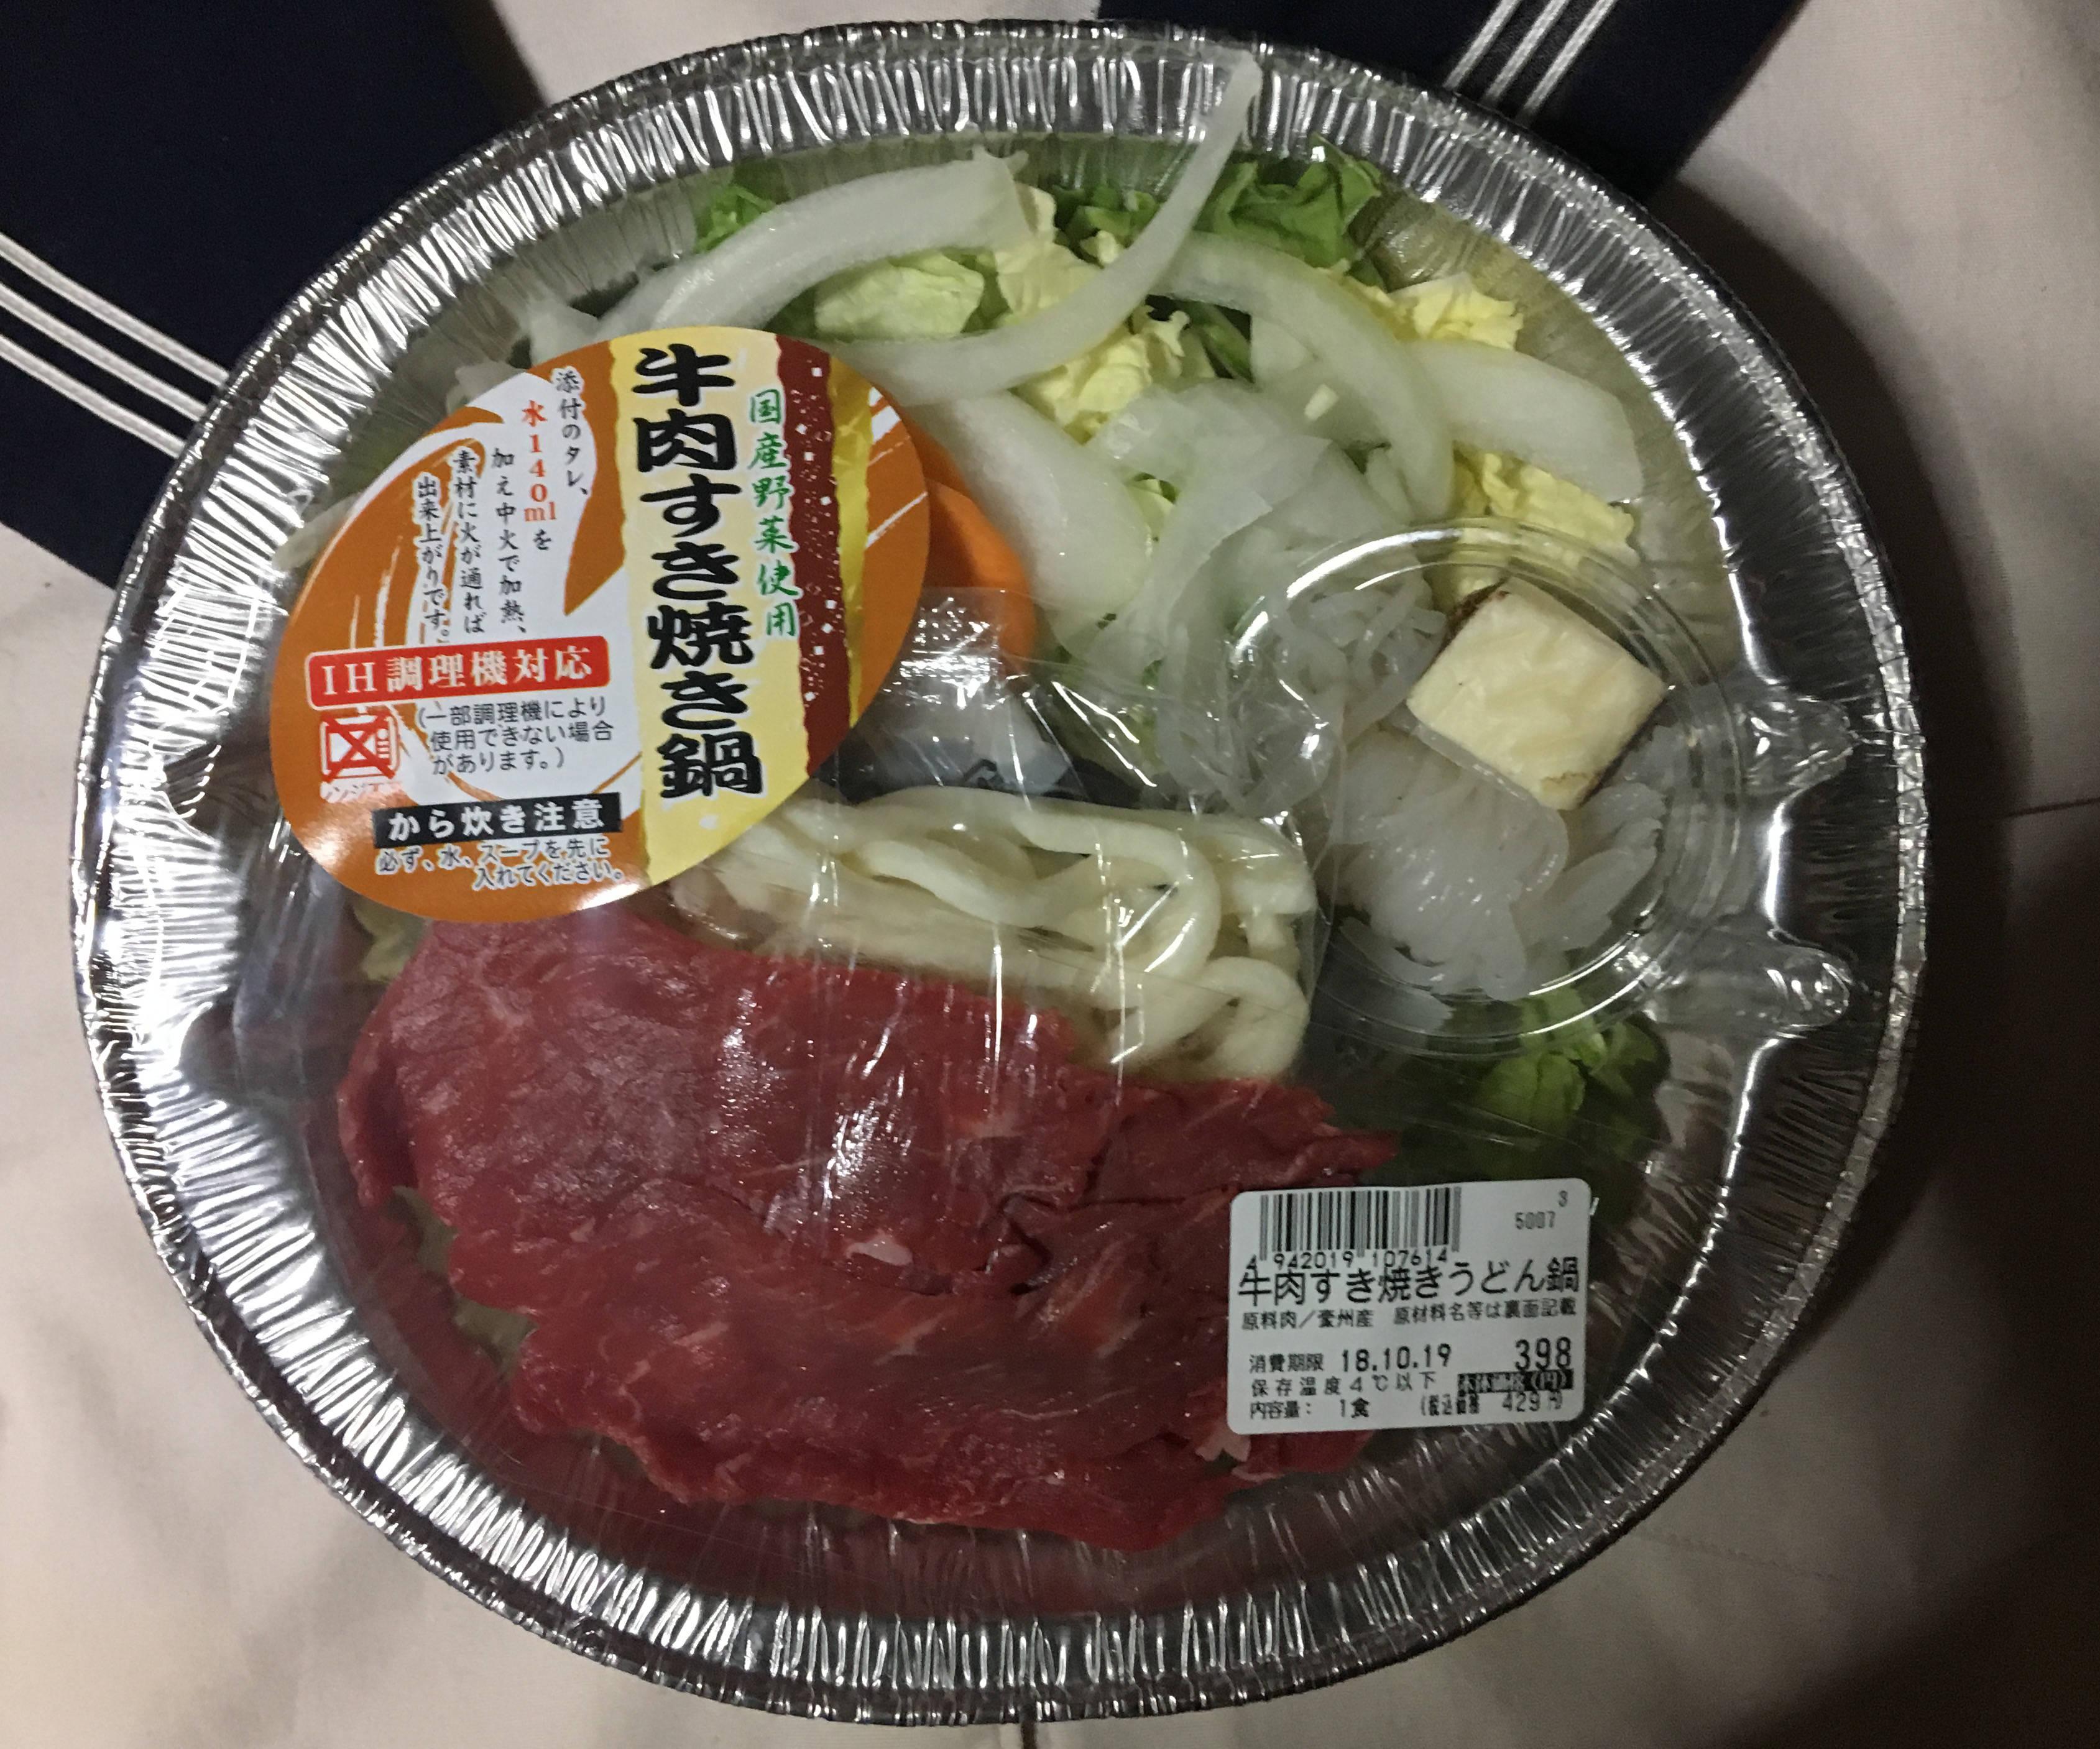 まいばすけっとで購入した「牛肉すき焼き鍋」